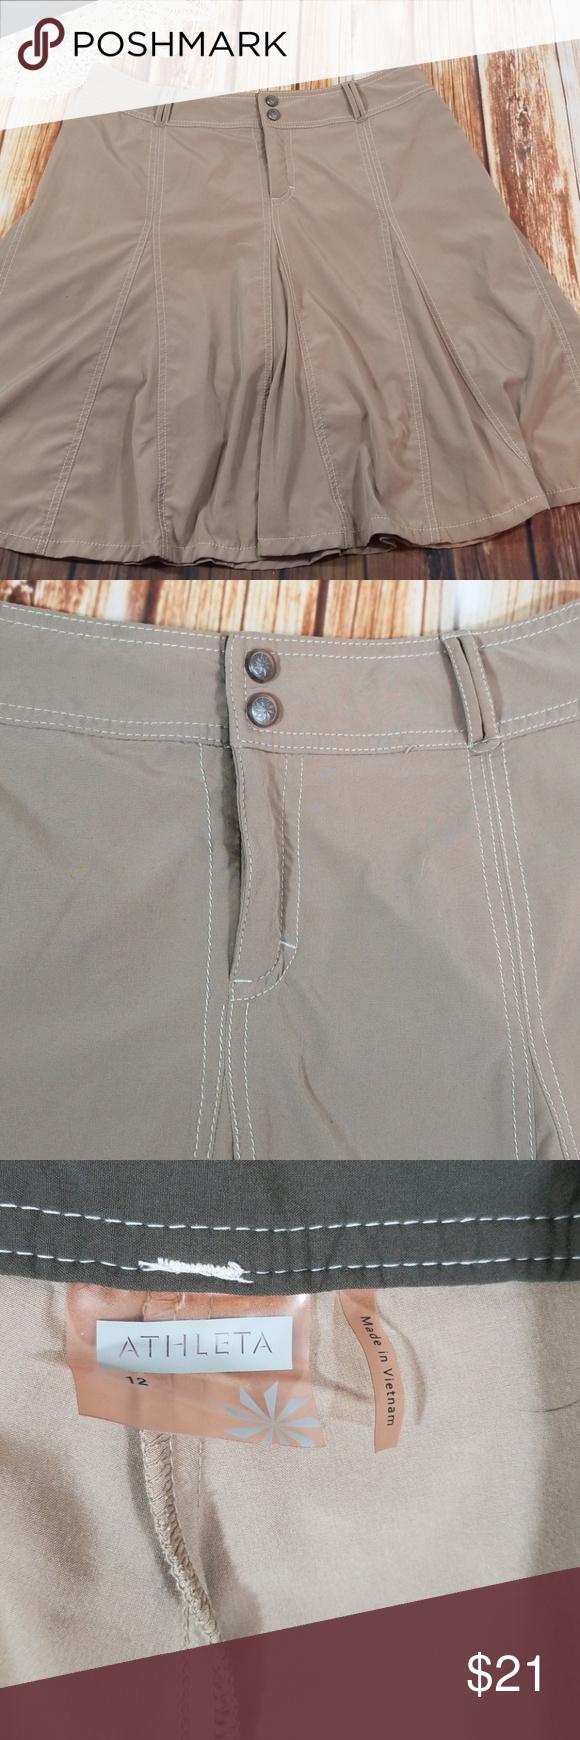 Women's Clothing Athleta Stretch Skirt Tan Size 12 Euc